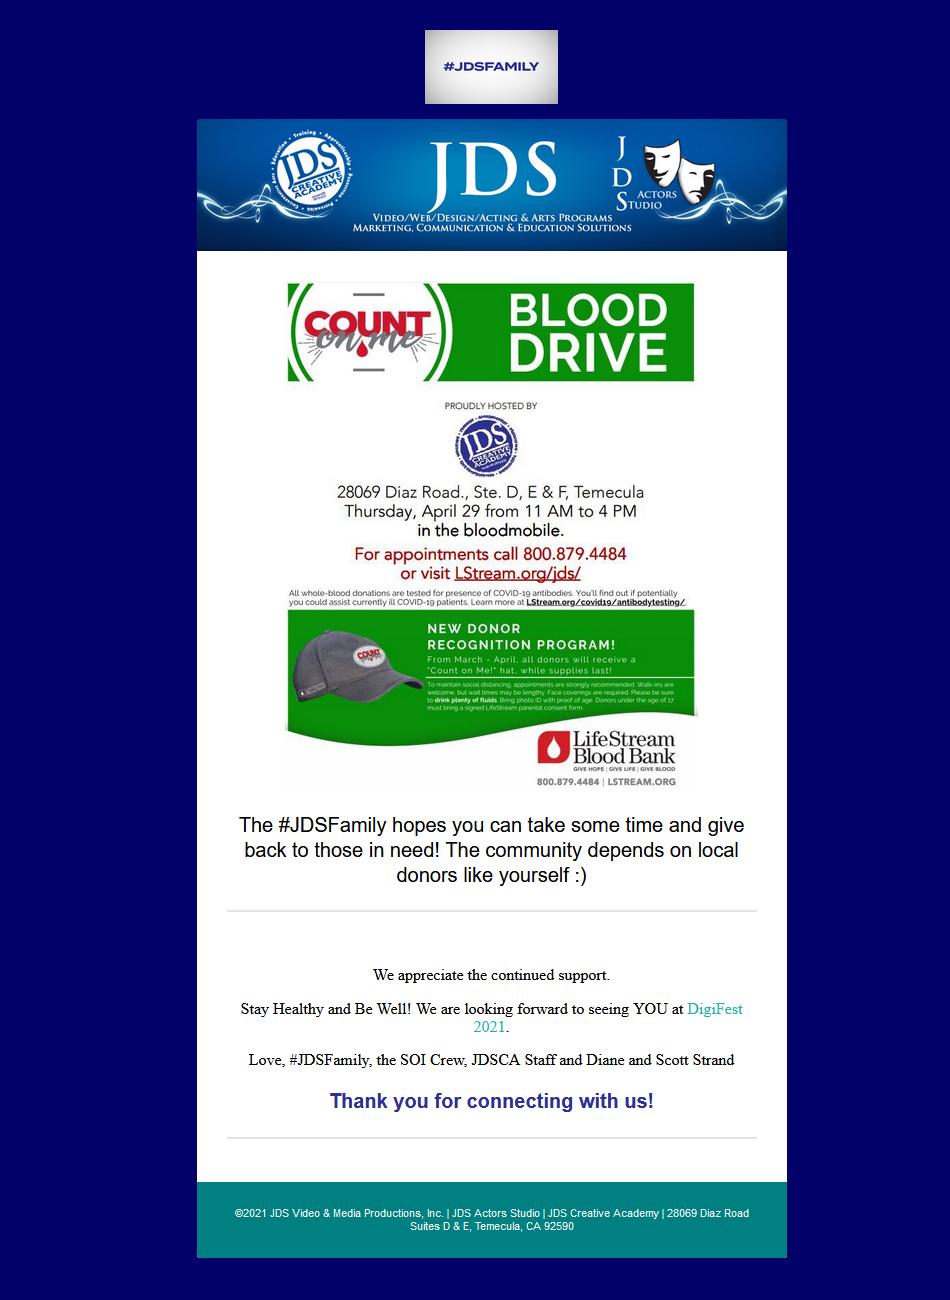 JDS Creative Academy Hosts a Blood Drive